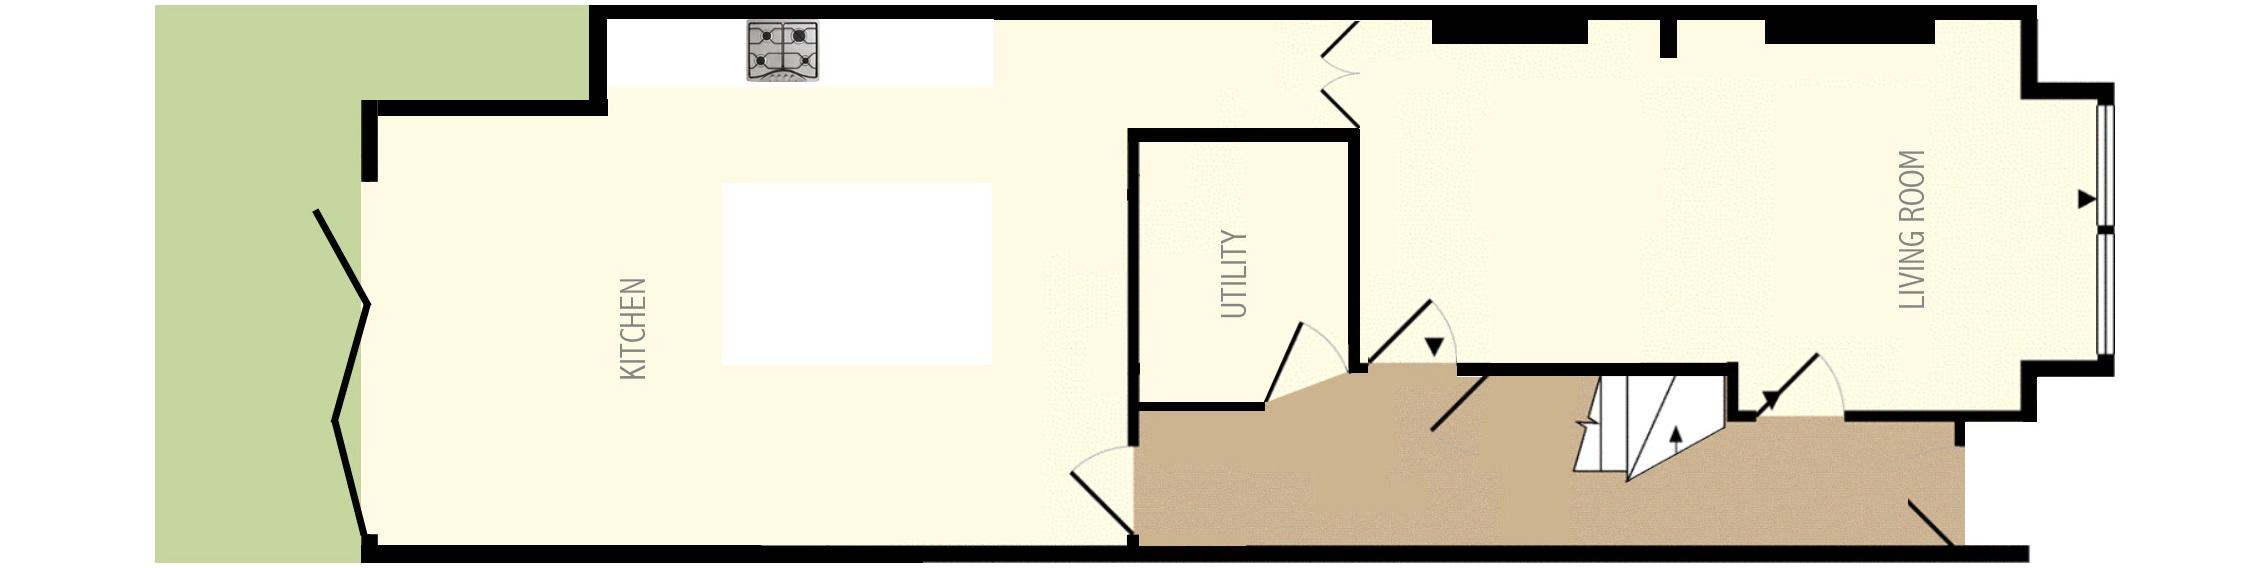 151 layout (2)